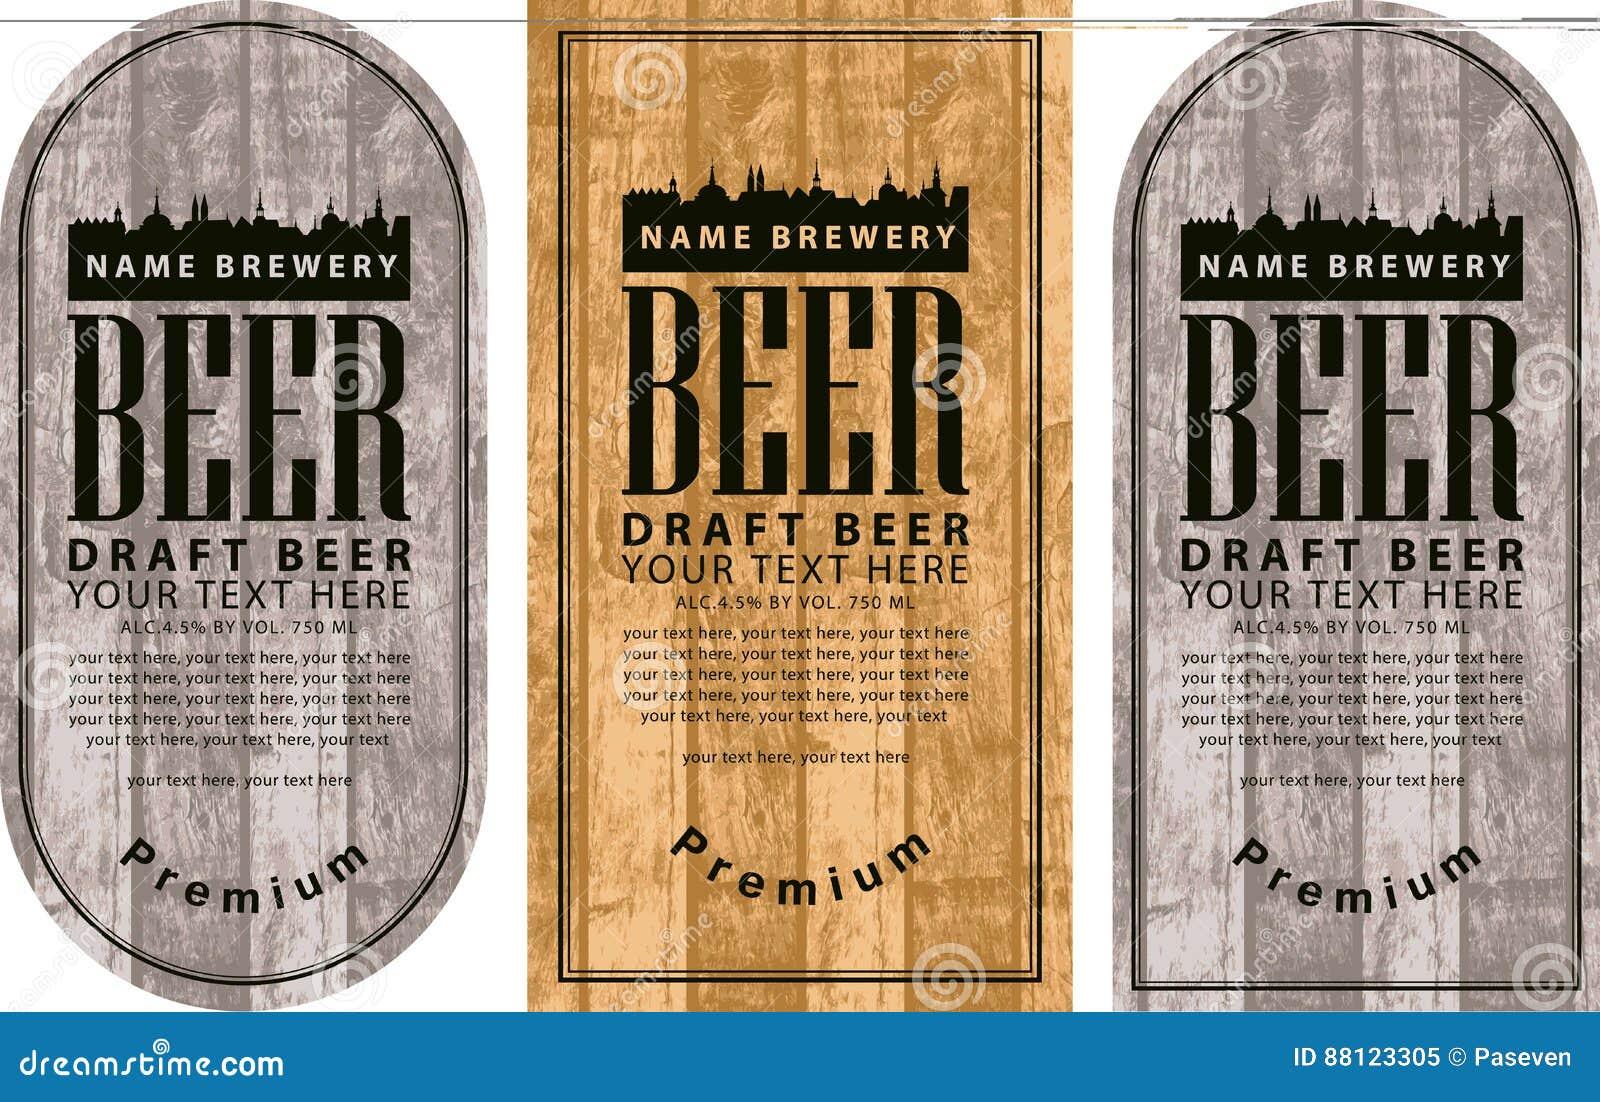 Beschriften Sie Bier mit der alten Stadt auf hölzernem Hintergrund